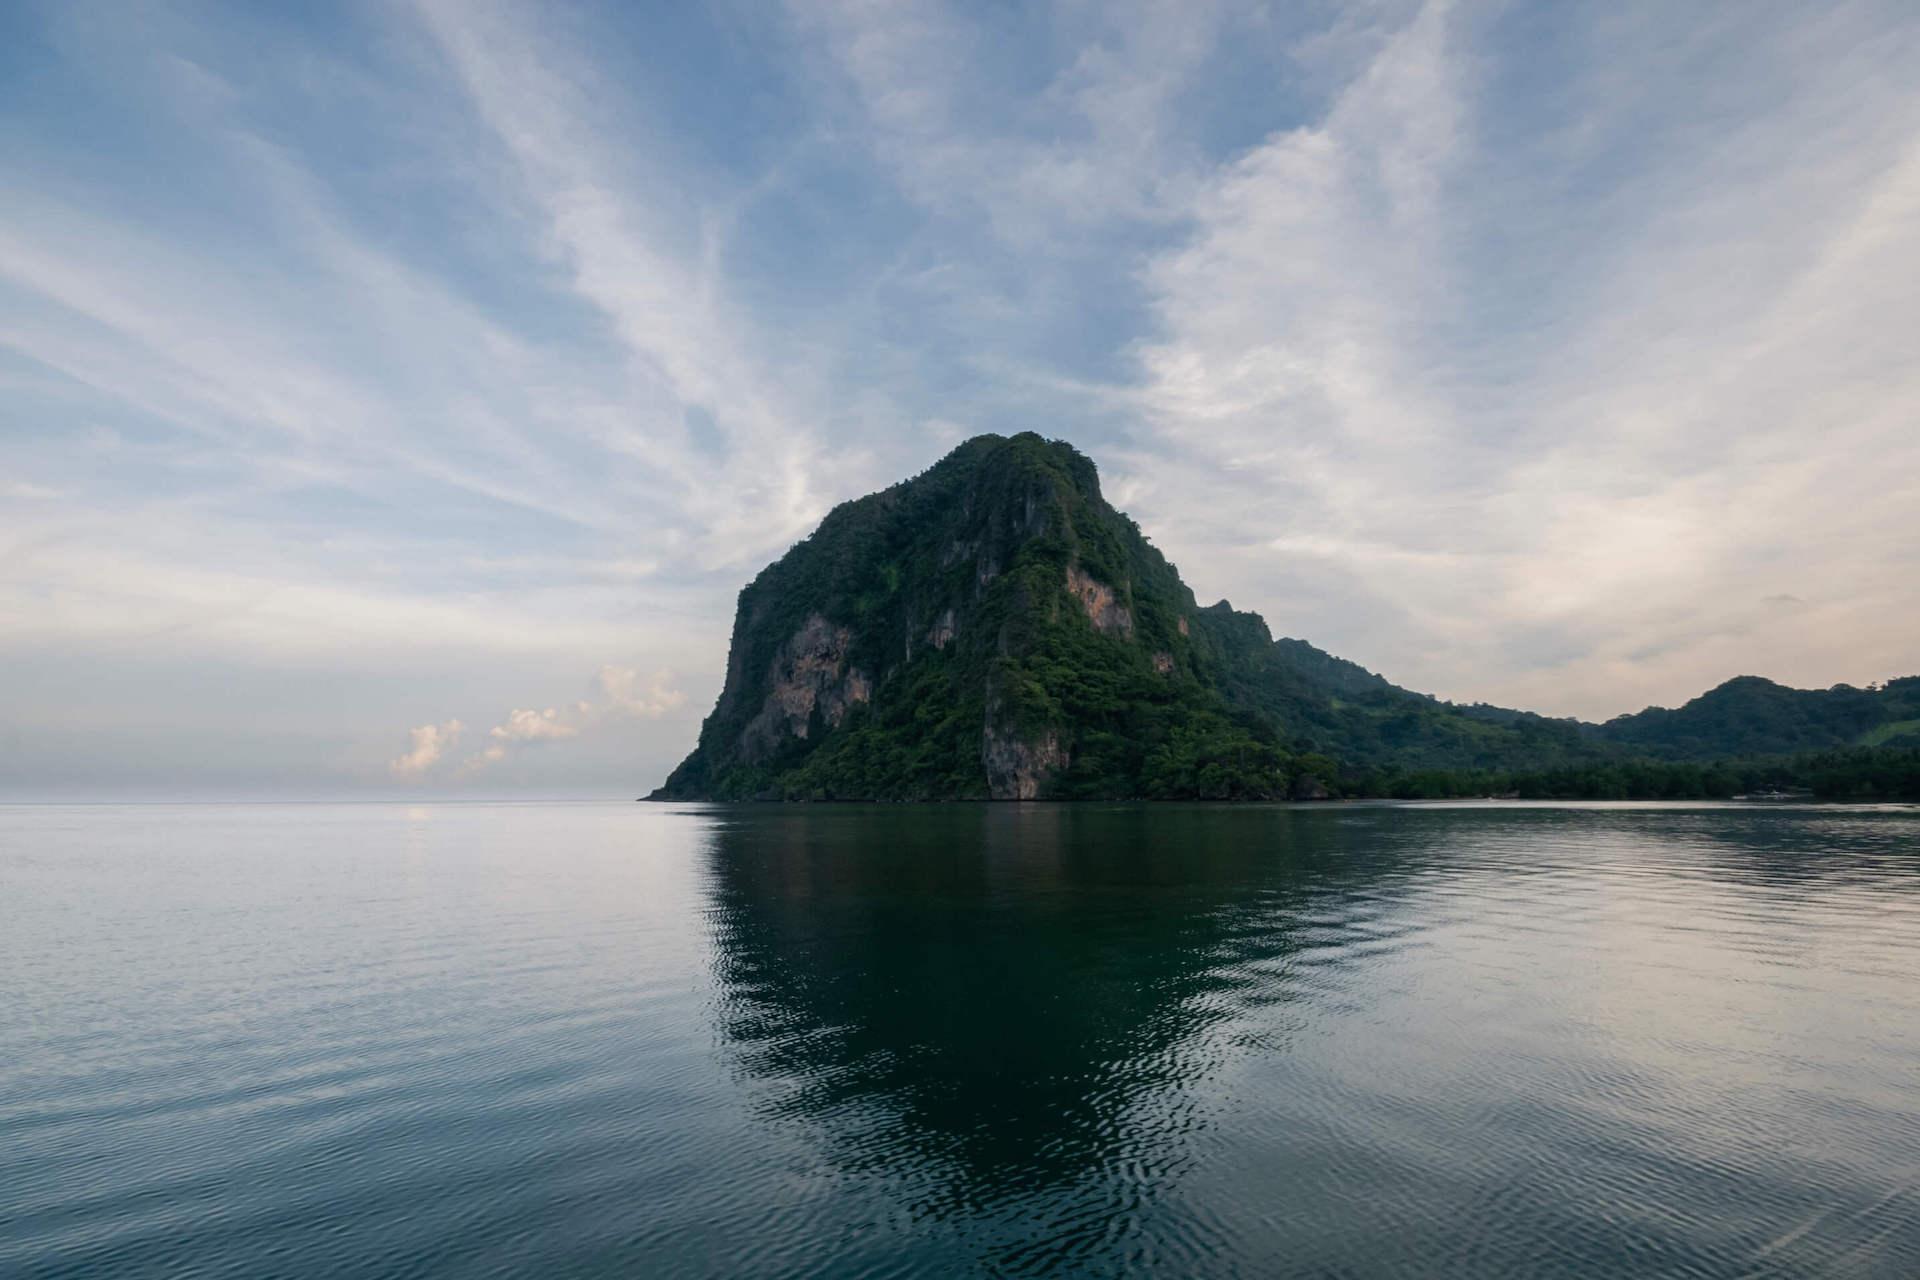 Coron island sea view. Photo by Katherine Jack